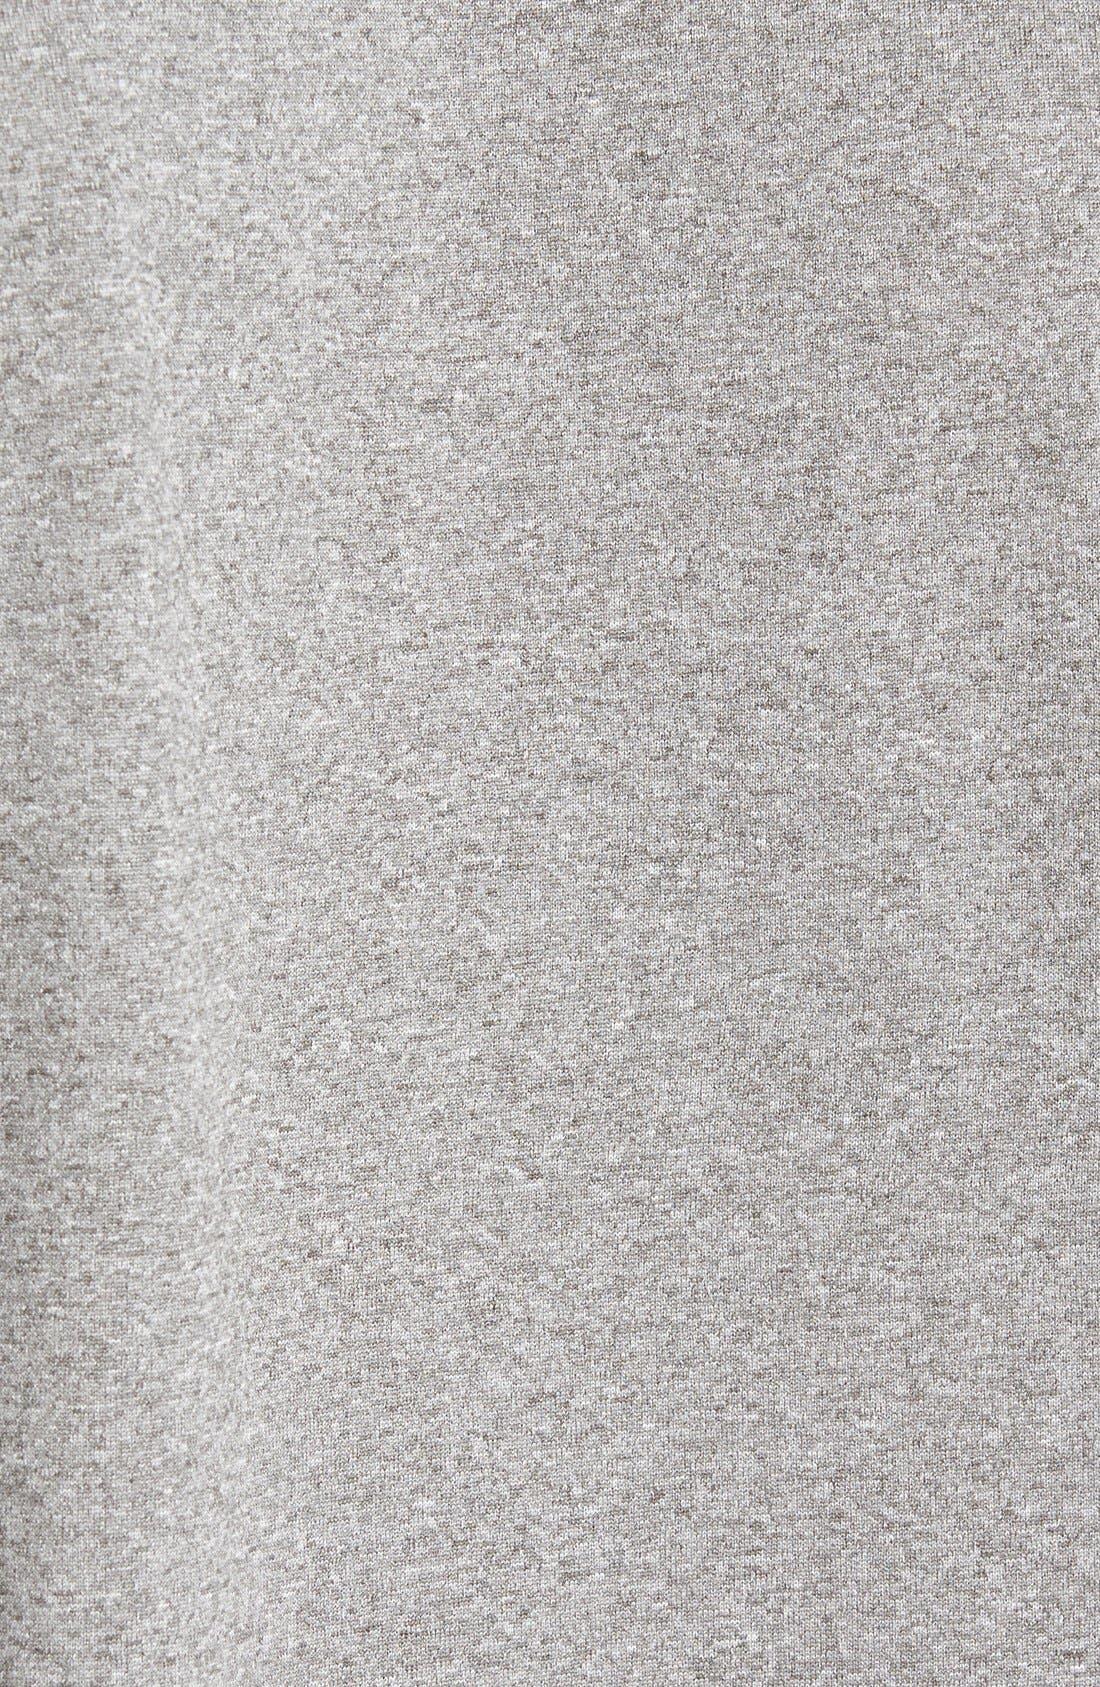 'Legend 2.0' Dri-FIT Training T-Shirt,                             Alternate thumbnail 5, color,                             Carbon Heather/ Black